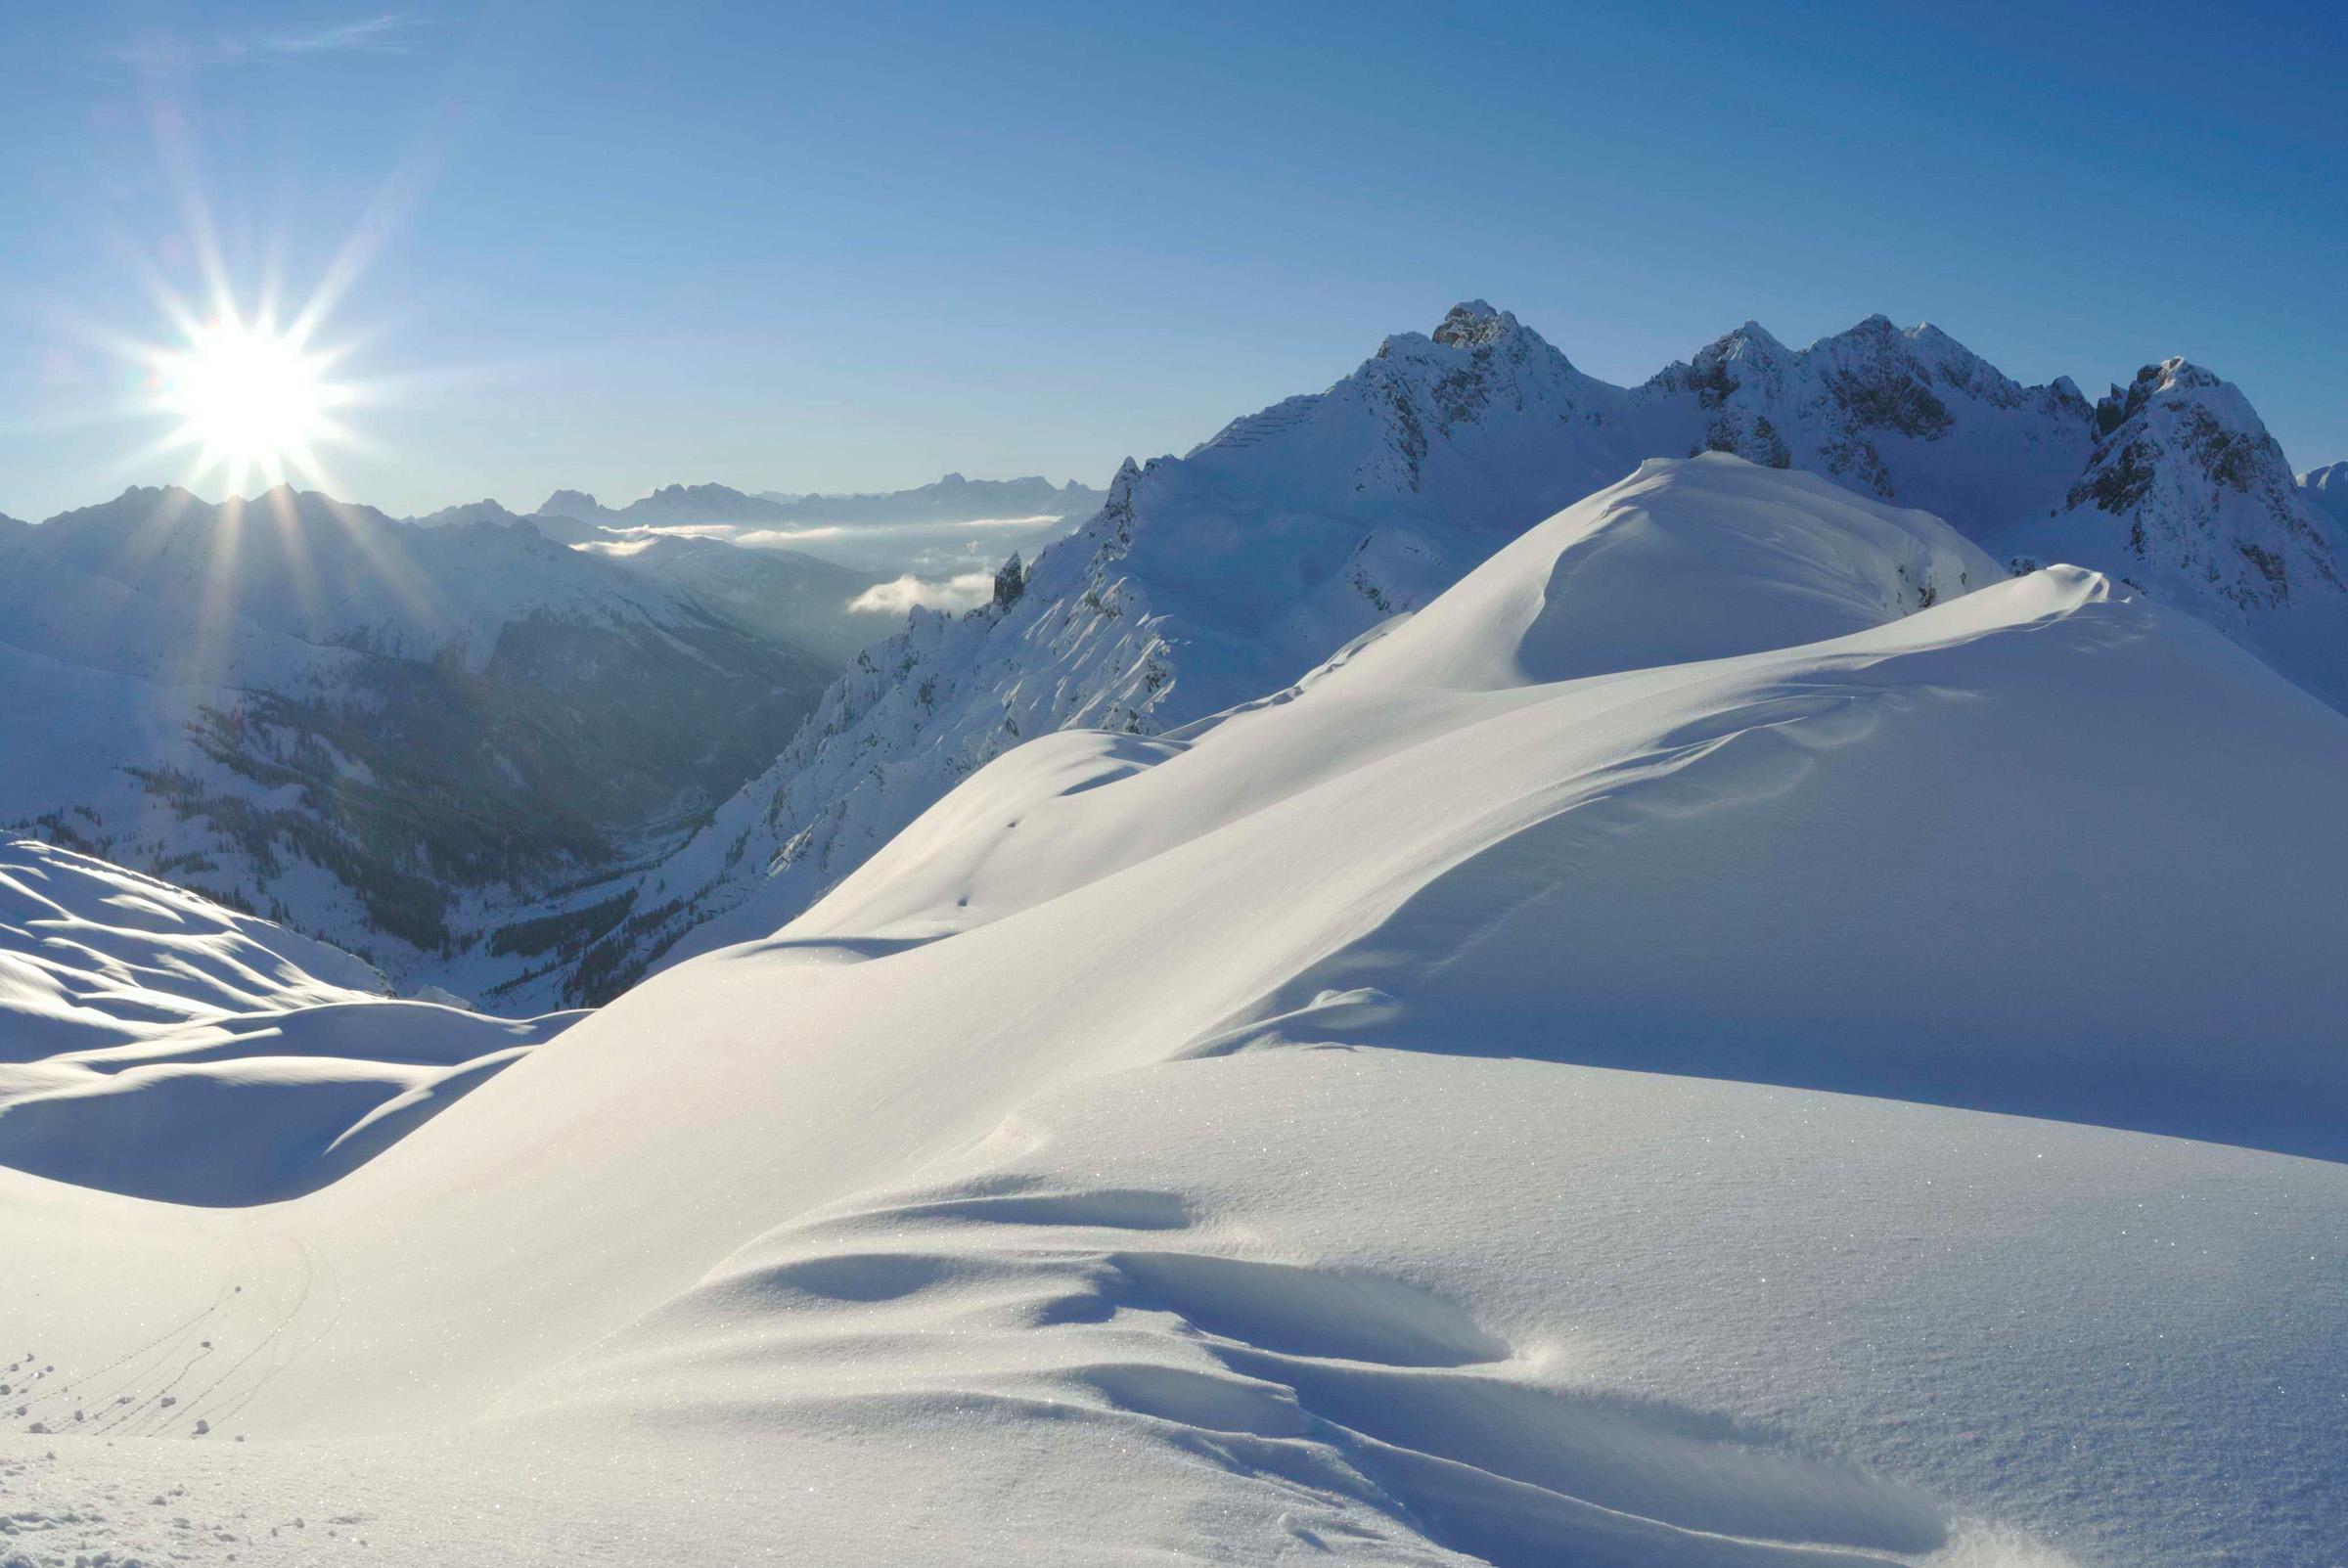 lech-zuers-am-arlberg-erzbergspitze-by-sepp-mallaun-c-lztg.jpg